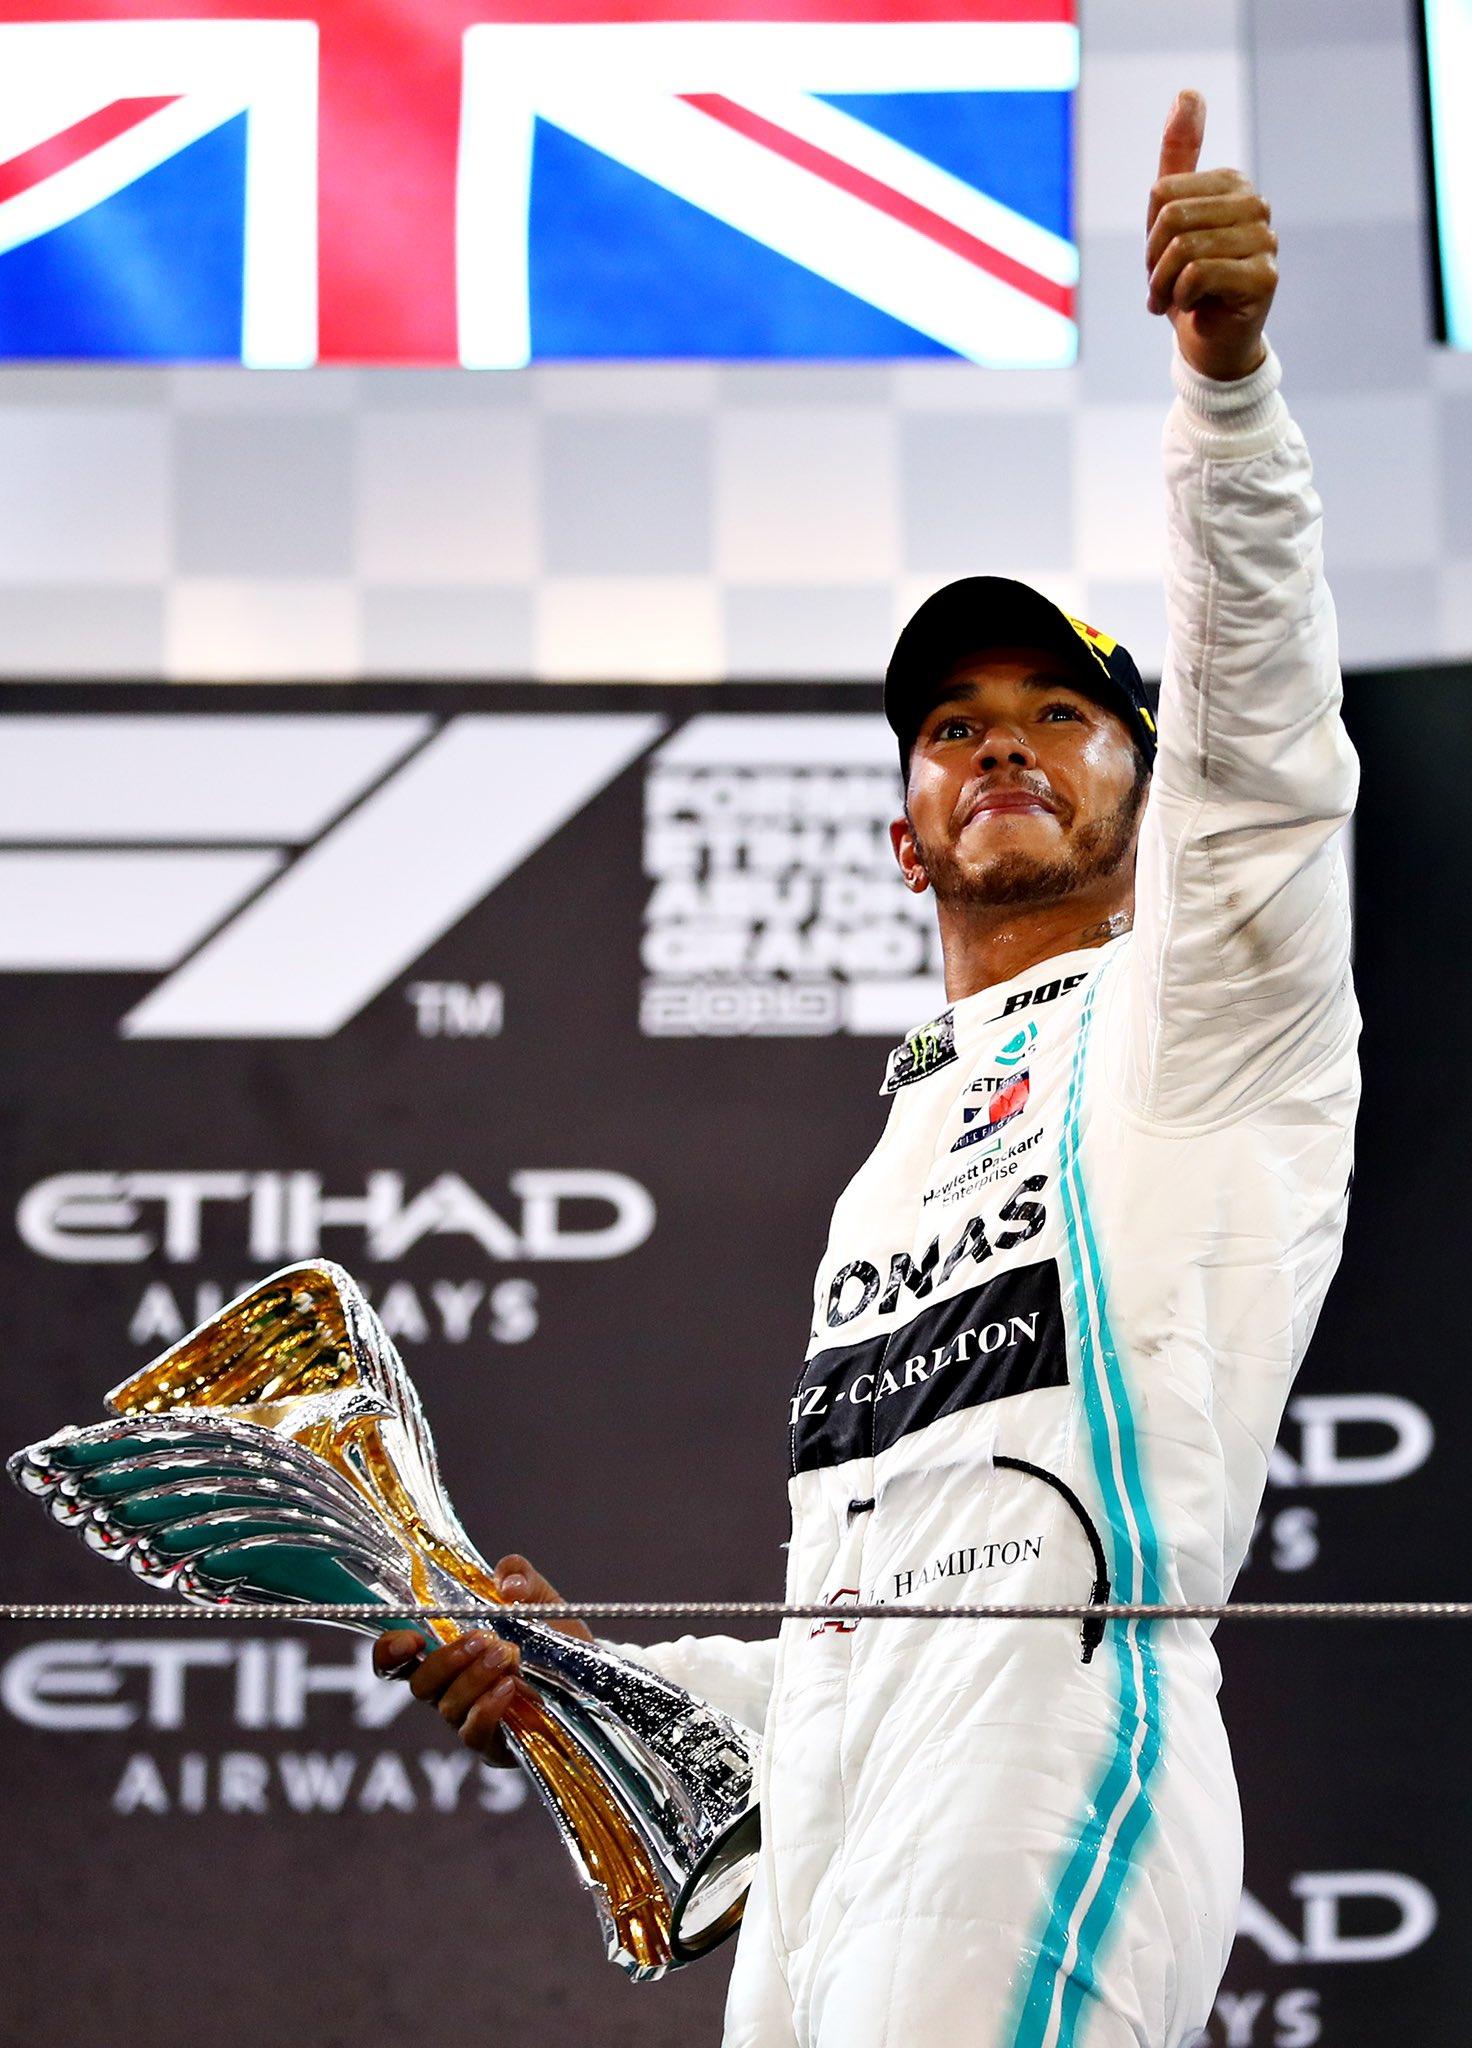 F1 – GP d'Abu Dhabi: Hamilton étrenne son titre. Fin de saison dans l'anonymat pour Alfa Romeo Sauber et Romain Grosjean